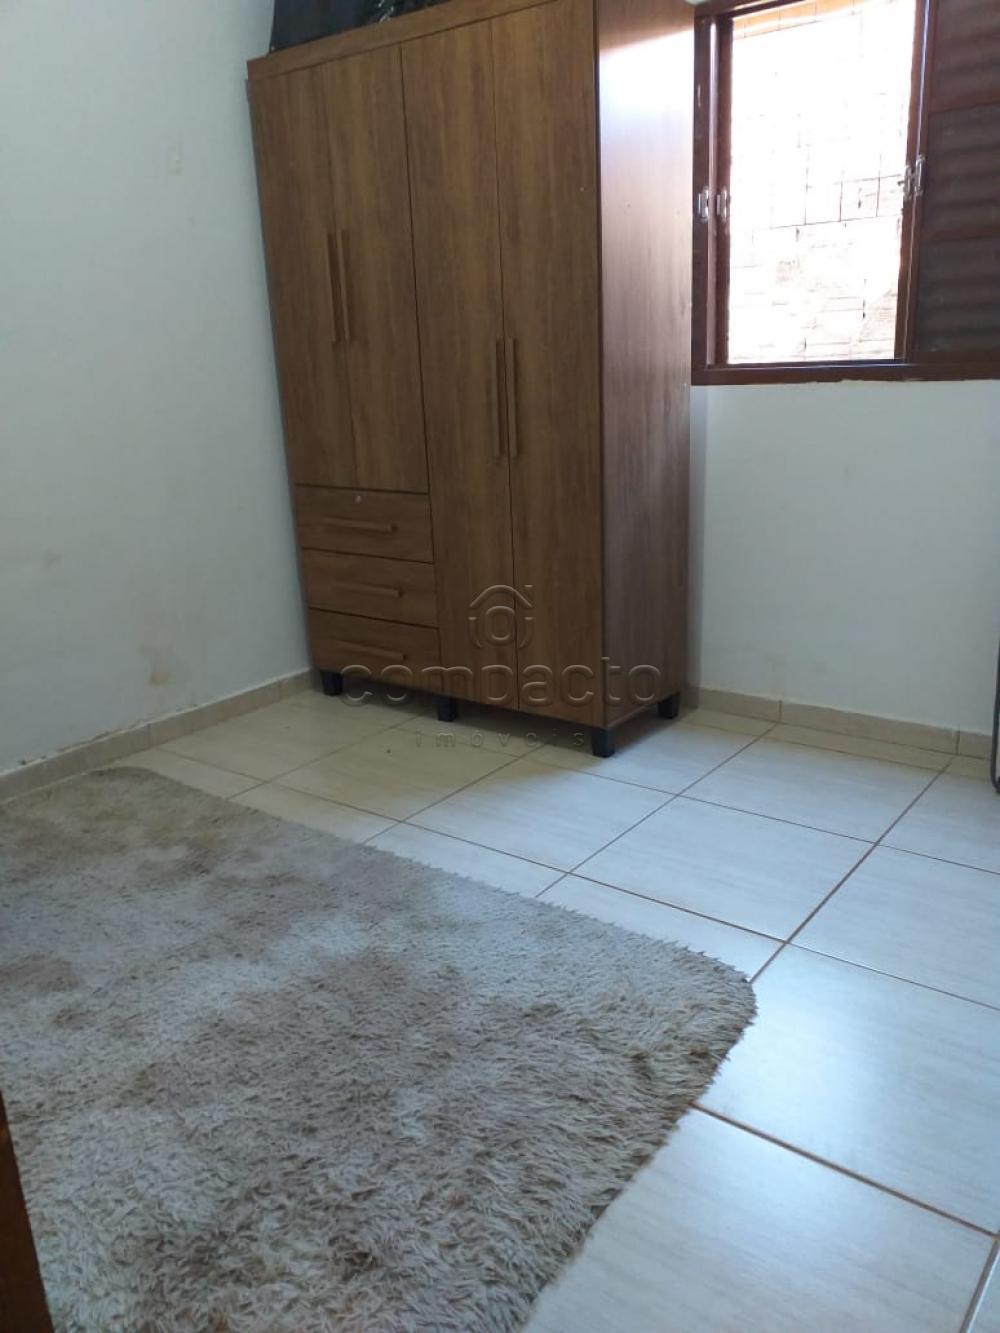 Comprar Casa / Padrão em São José do Rio Preto apenas R$ 185.000,00 - Foto 9